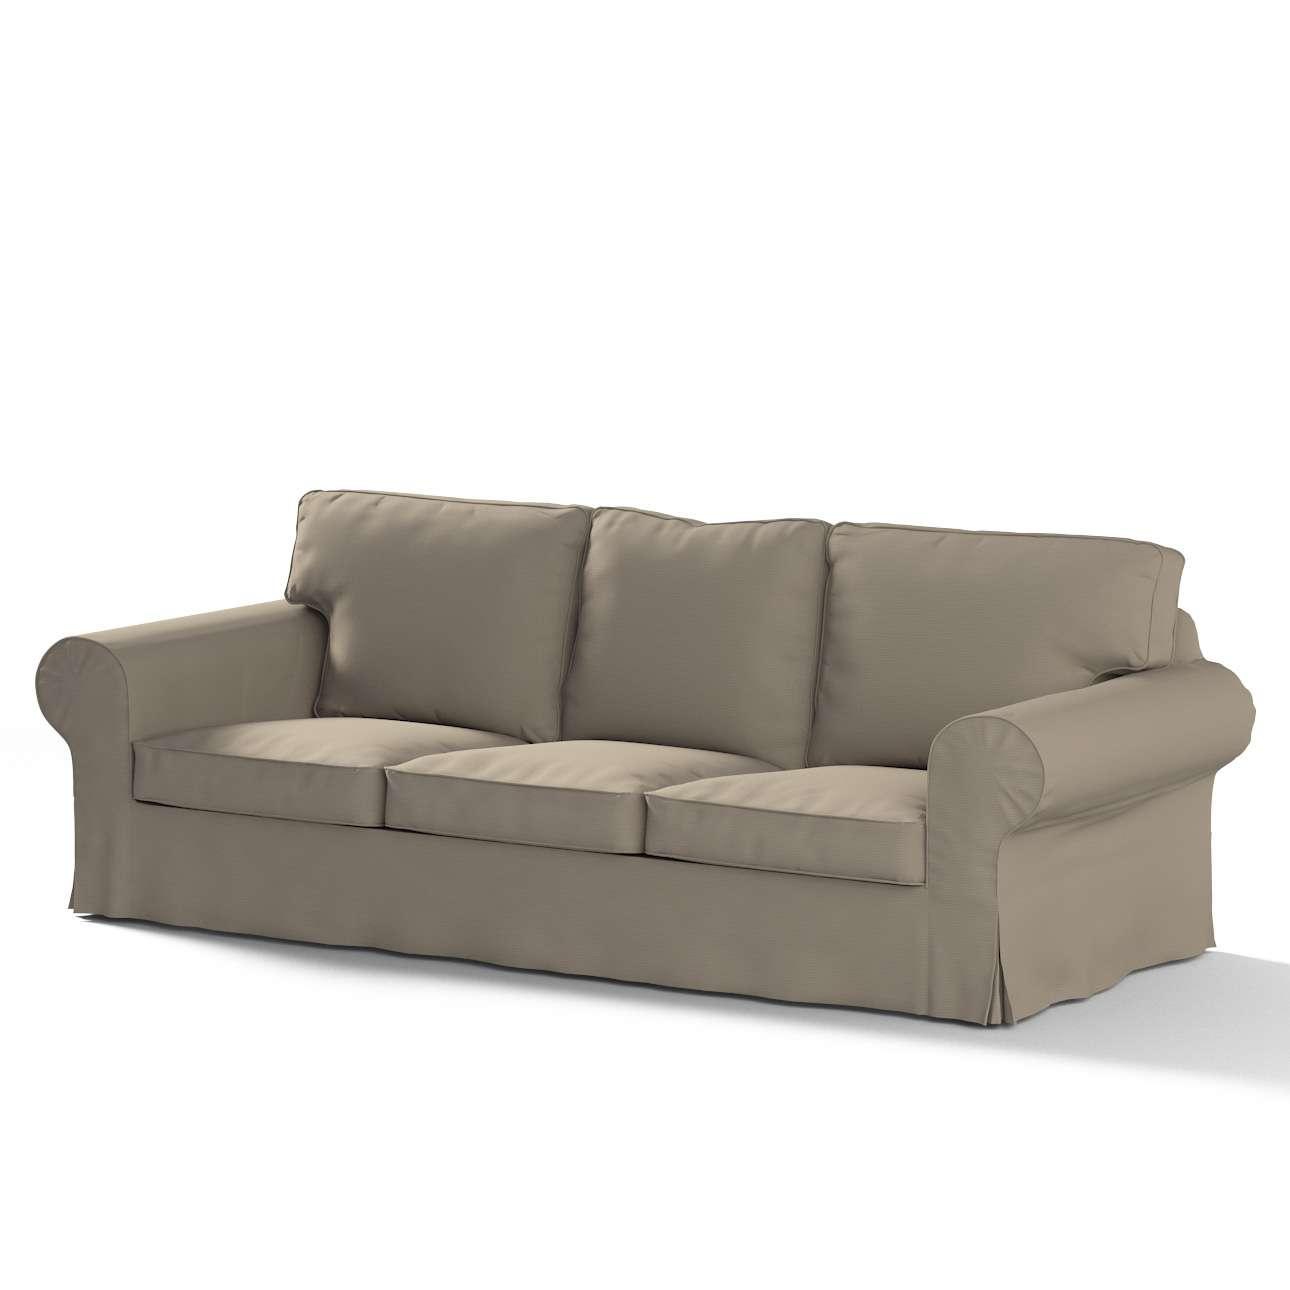 Potah na pohovku IKEA  Ektorp 3-místná, nerozkládací pohovka Ektorp 3-místná v kolekci Cotton Panama, látka: 702-28